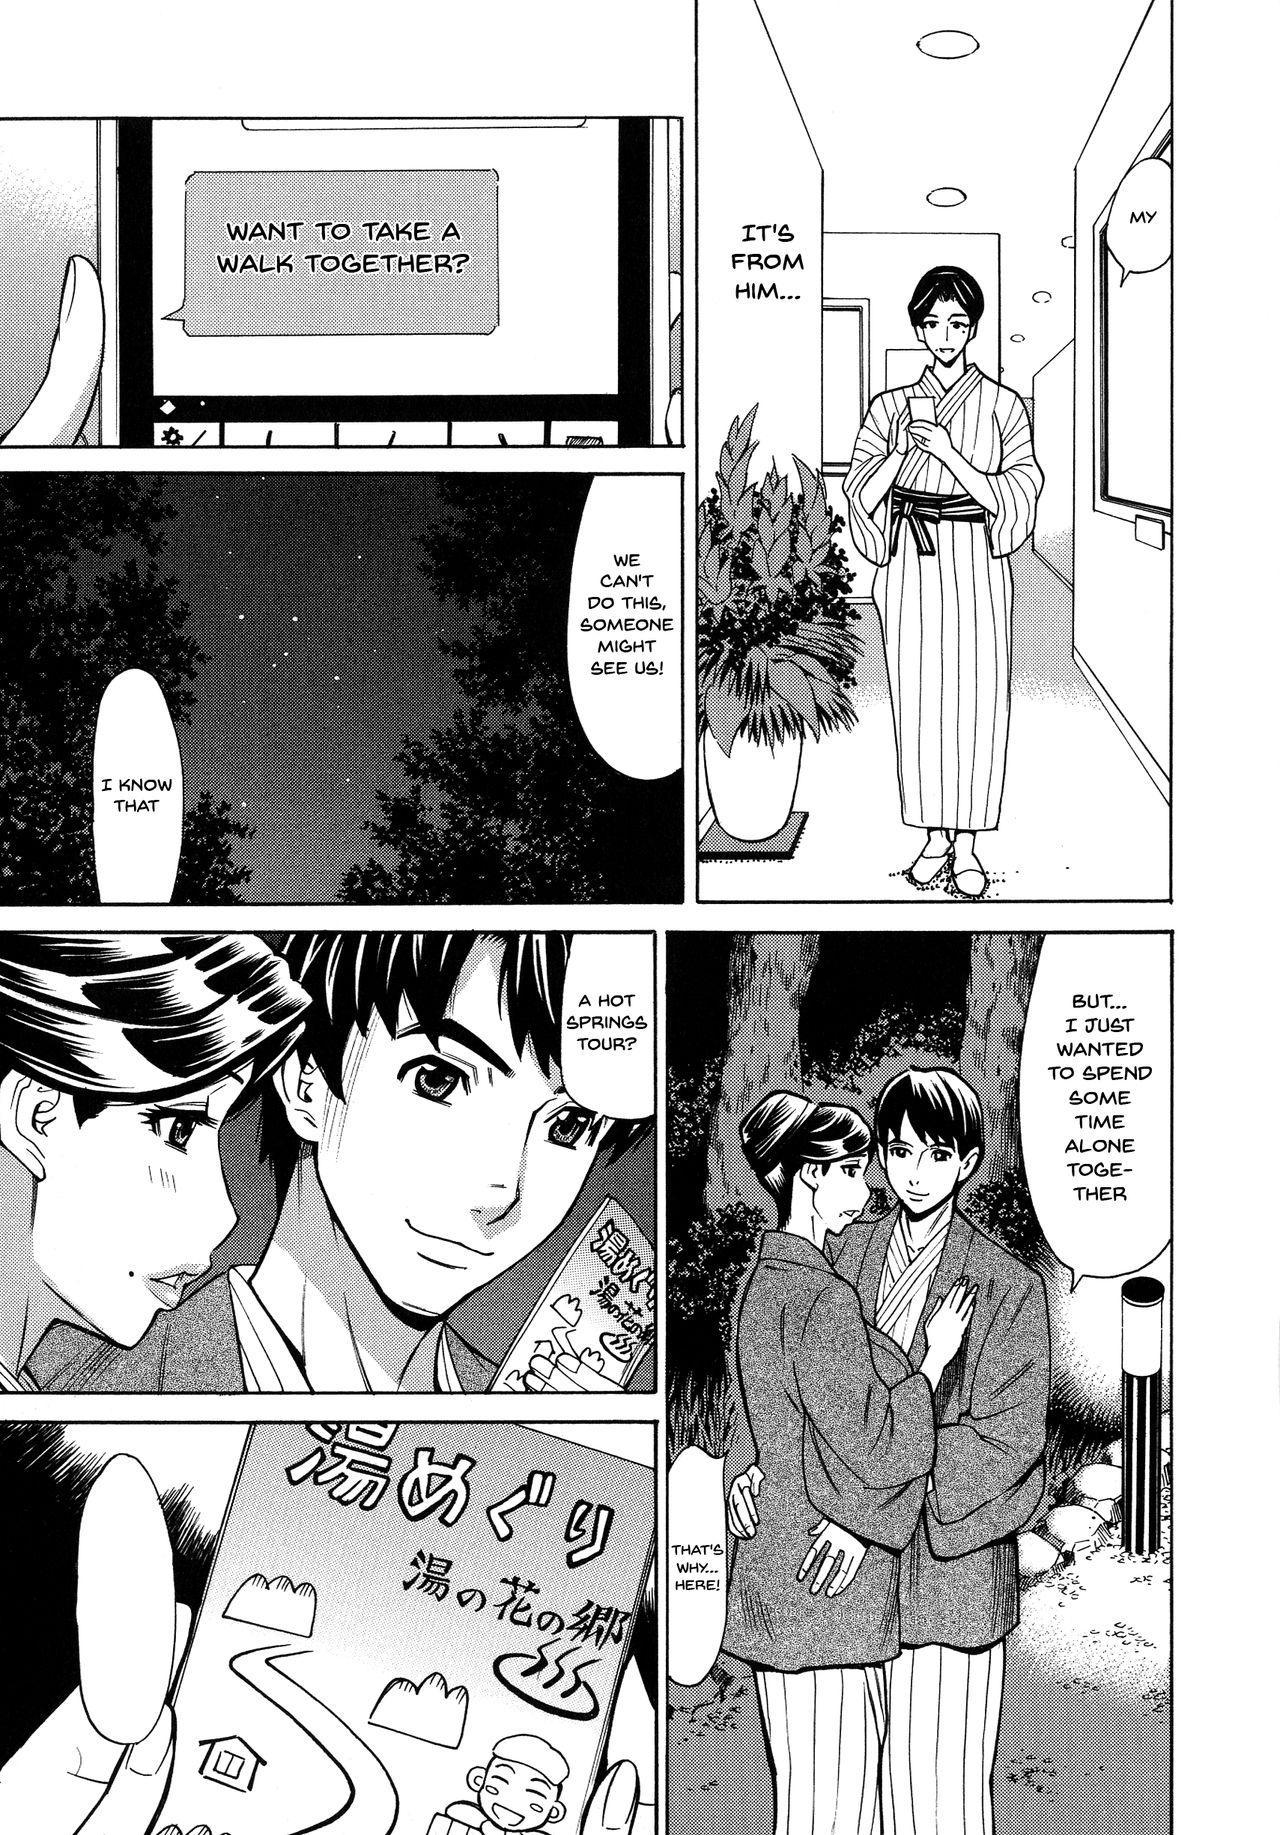 [Makibe Kataru] Hitozuma Koi Hanabi ~Hajimete no Furin ga 3P ni Itaru made~ Ch.1-9 [English] {Doujins.com} 23